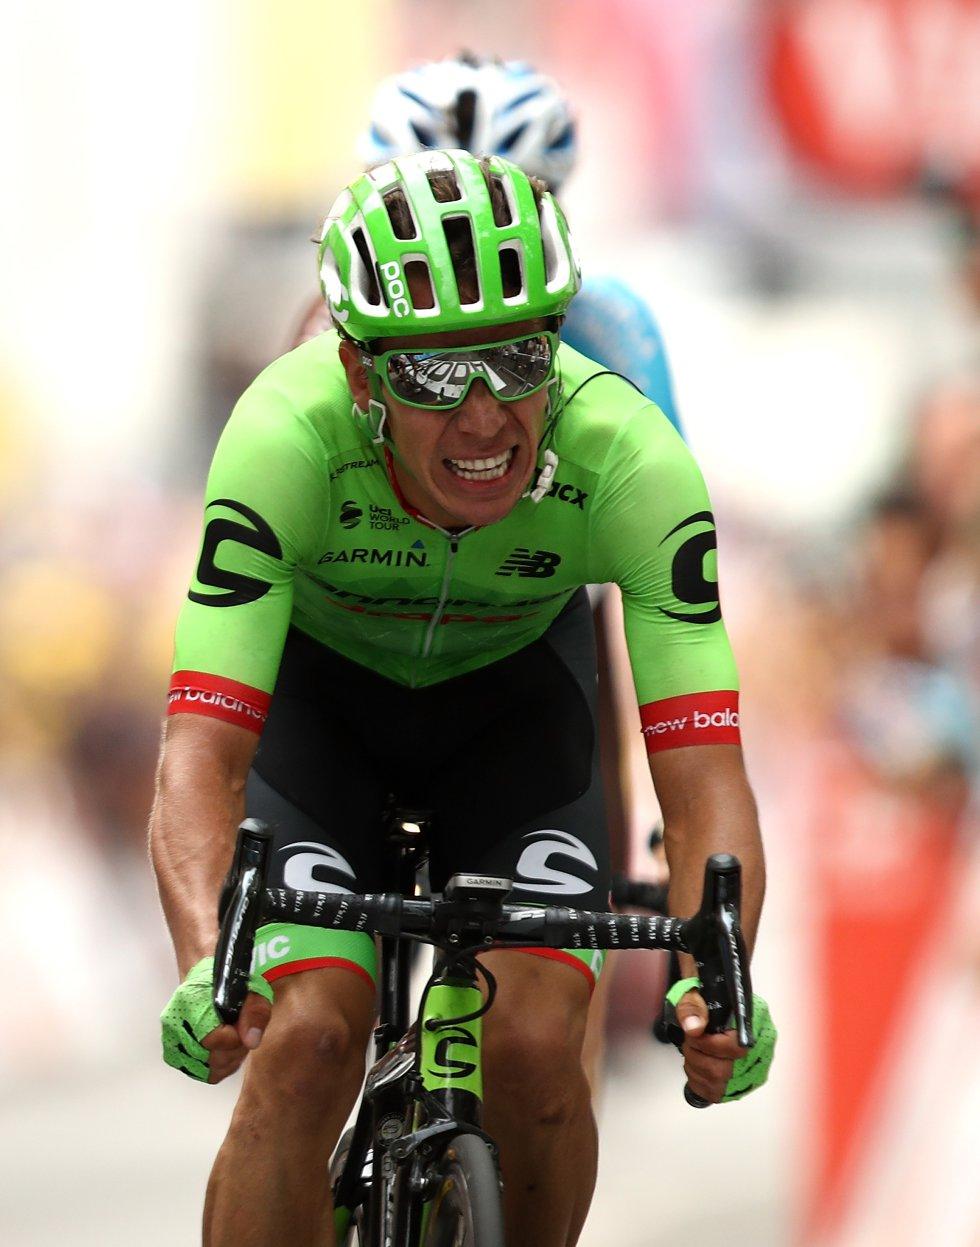 Rigoberto Urán fue el gran ganador de la etapa 9 del Tour de Francia, después de una fuerte competencia con el francés Warren Barguil.